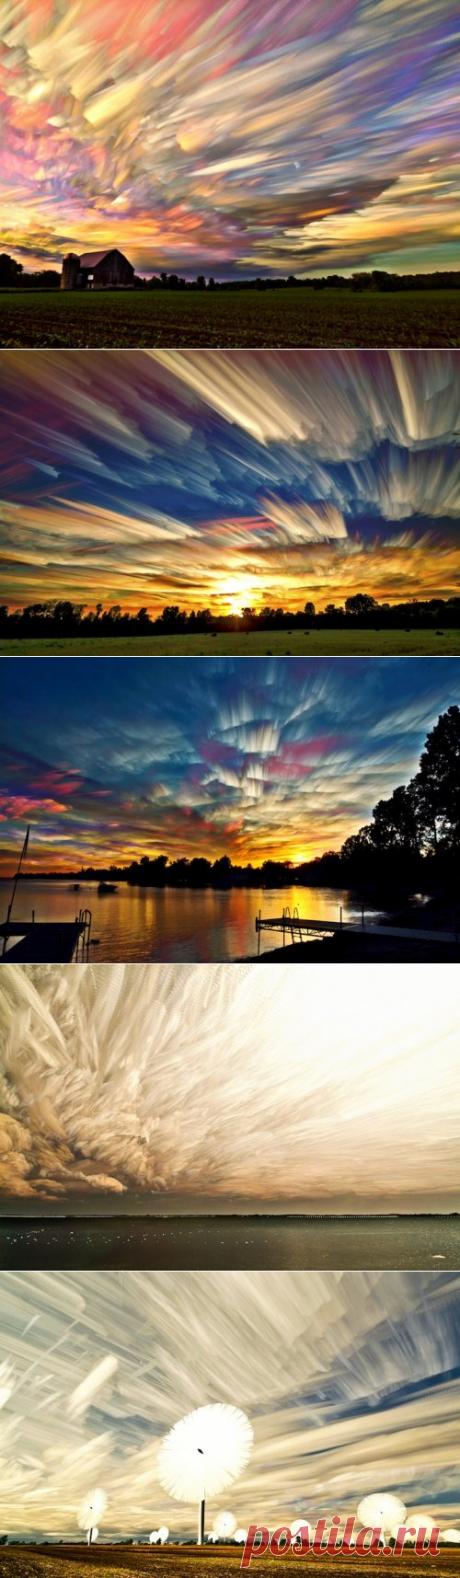 Необычное размытое небо в фотографиях Мэтта Моллоя